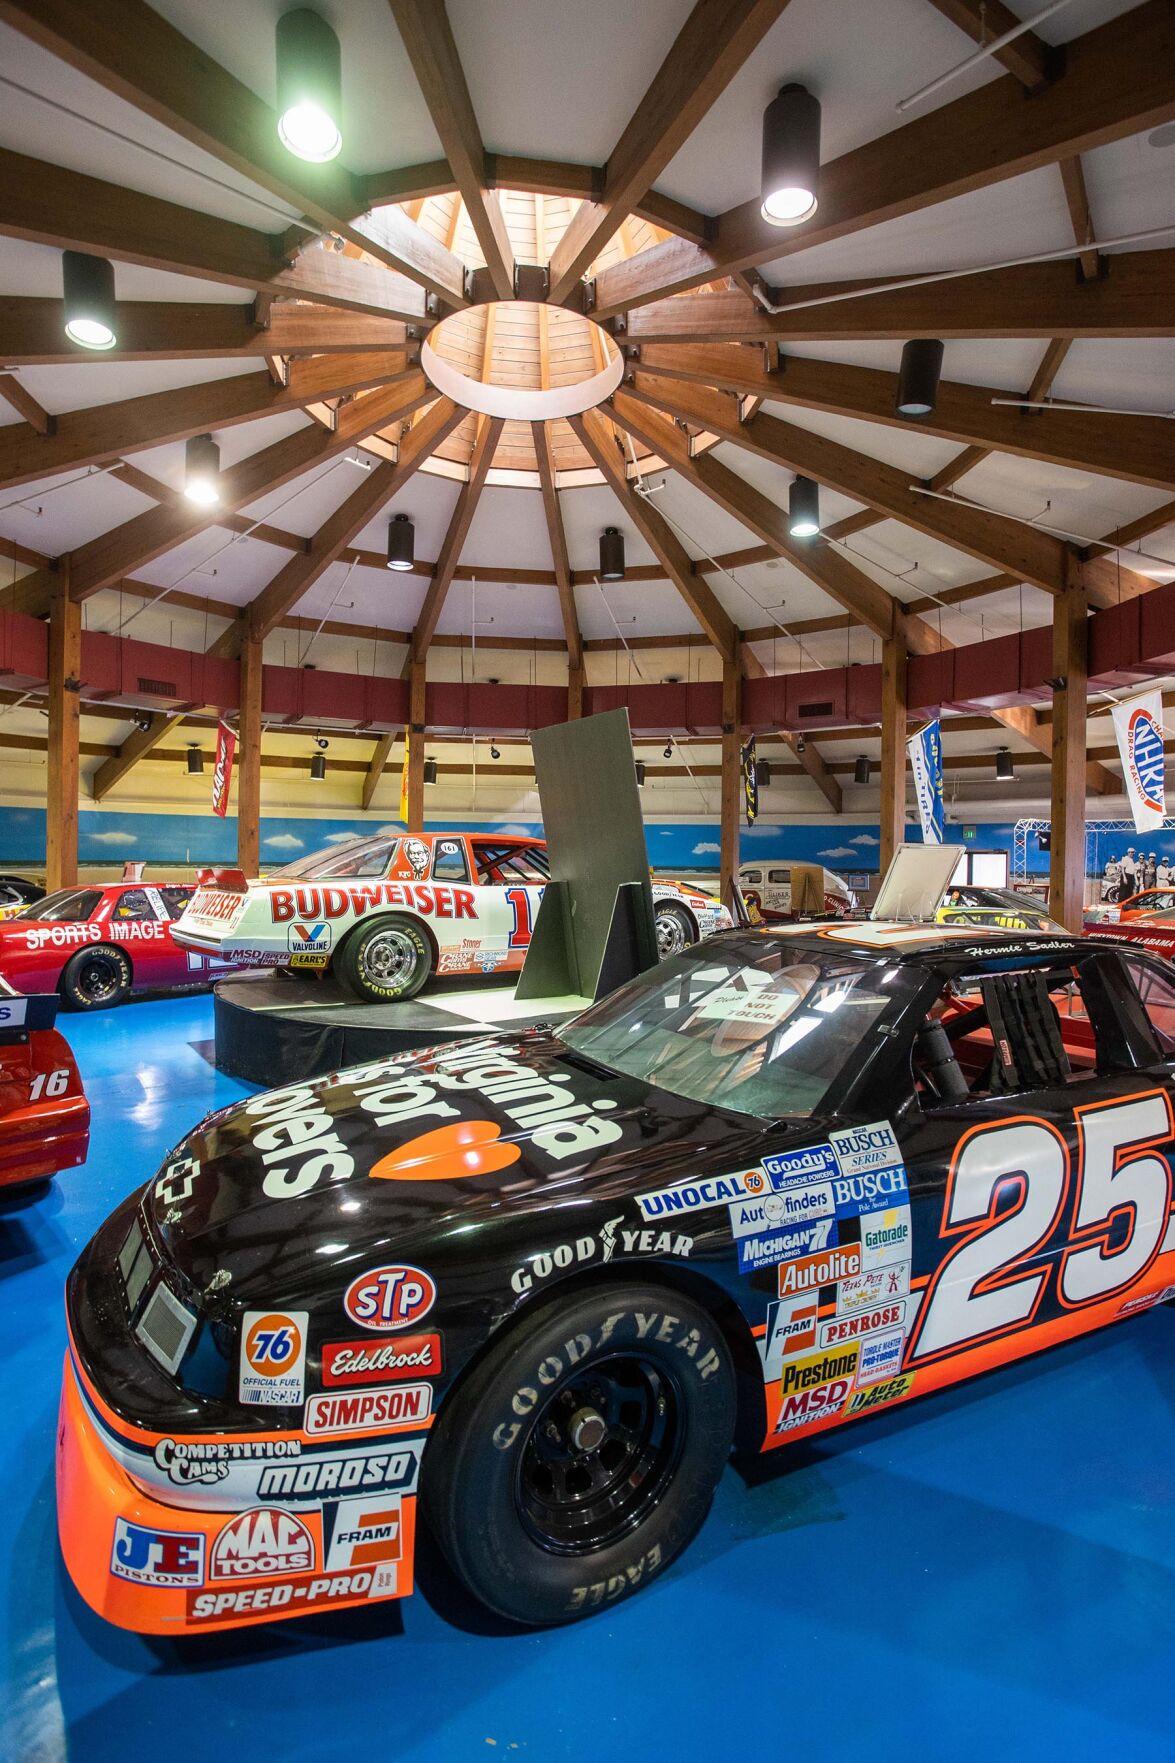 The Daytona Room